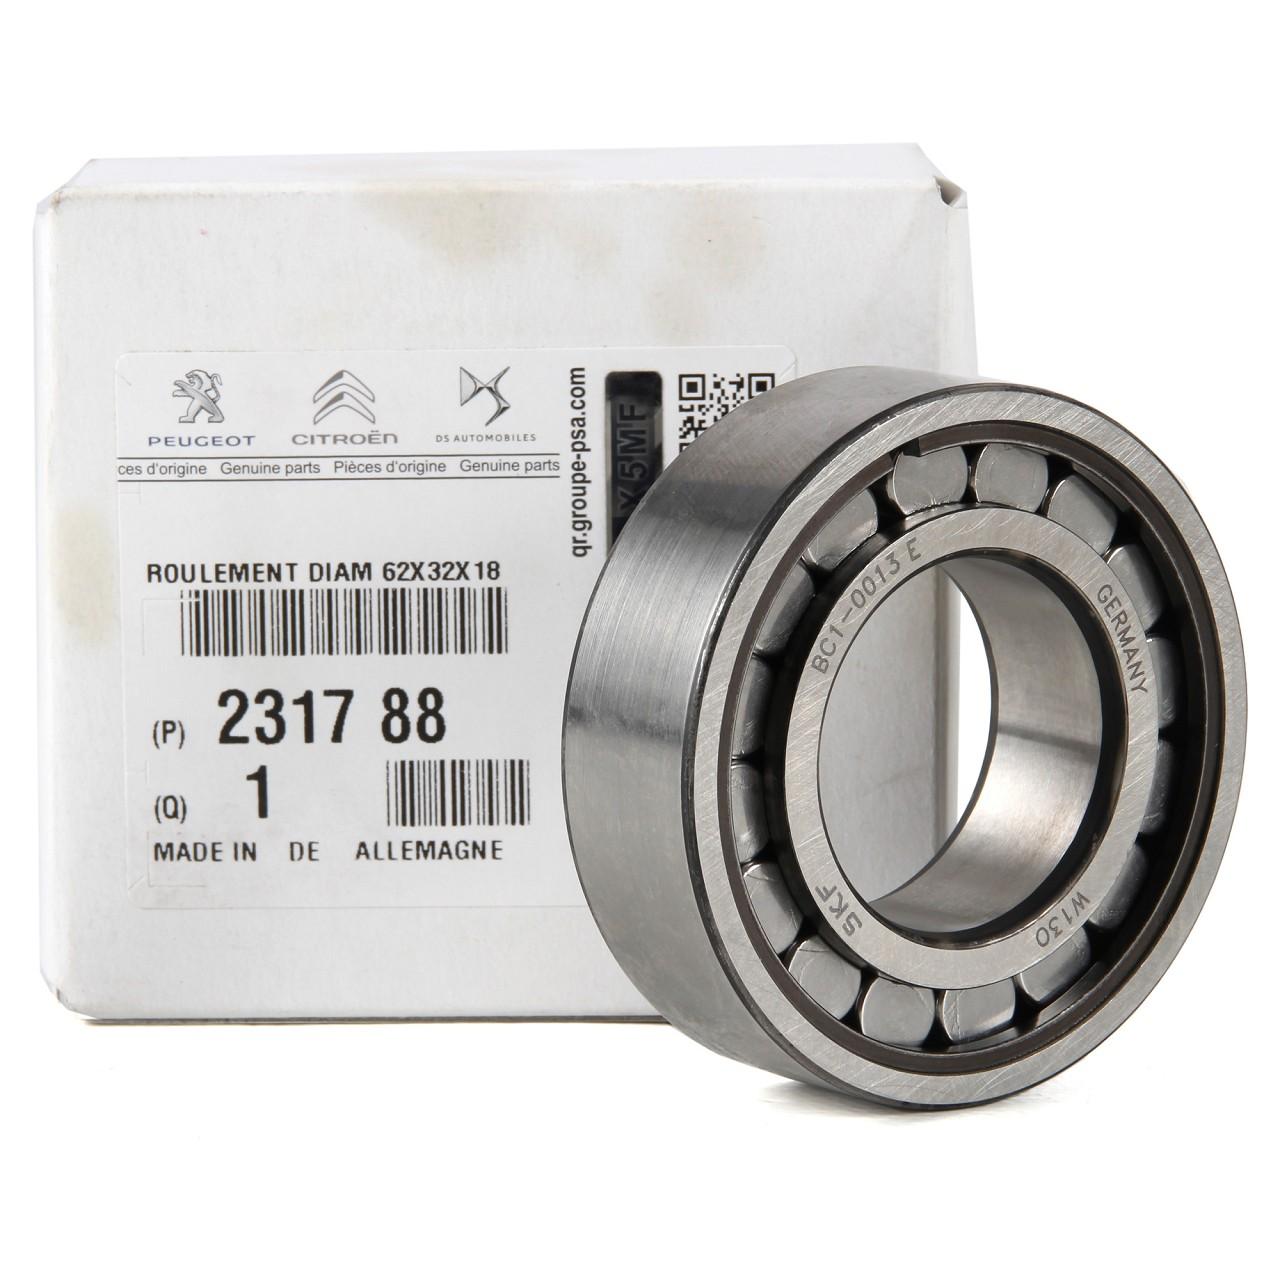 ORIGINAL Citroen Peugeot Getriebelager Lager Lagerung Schaltgetriebe 2317.88